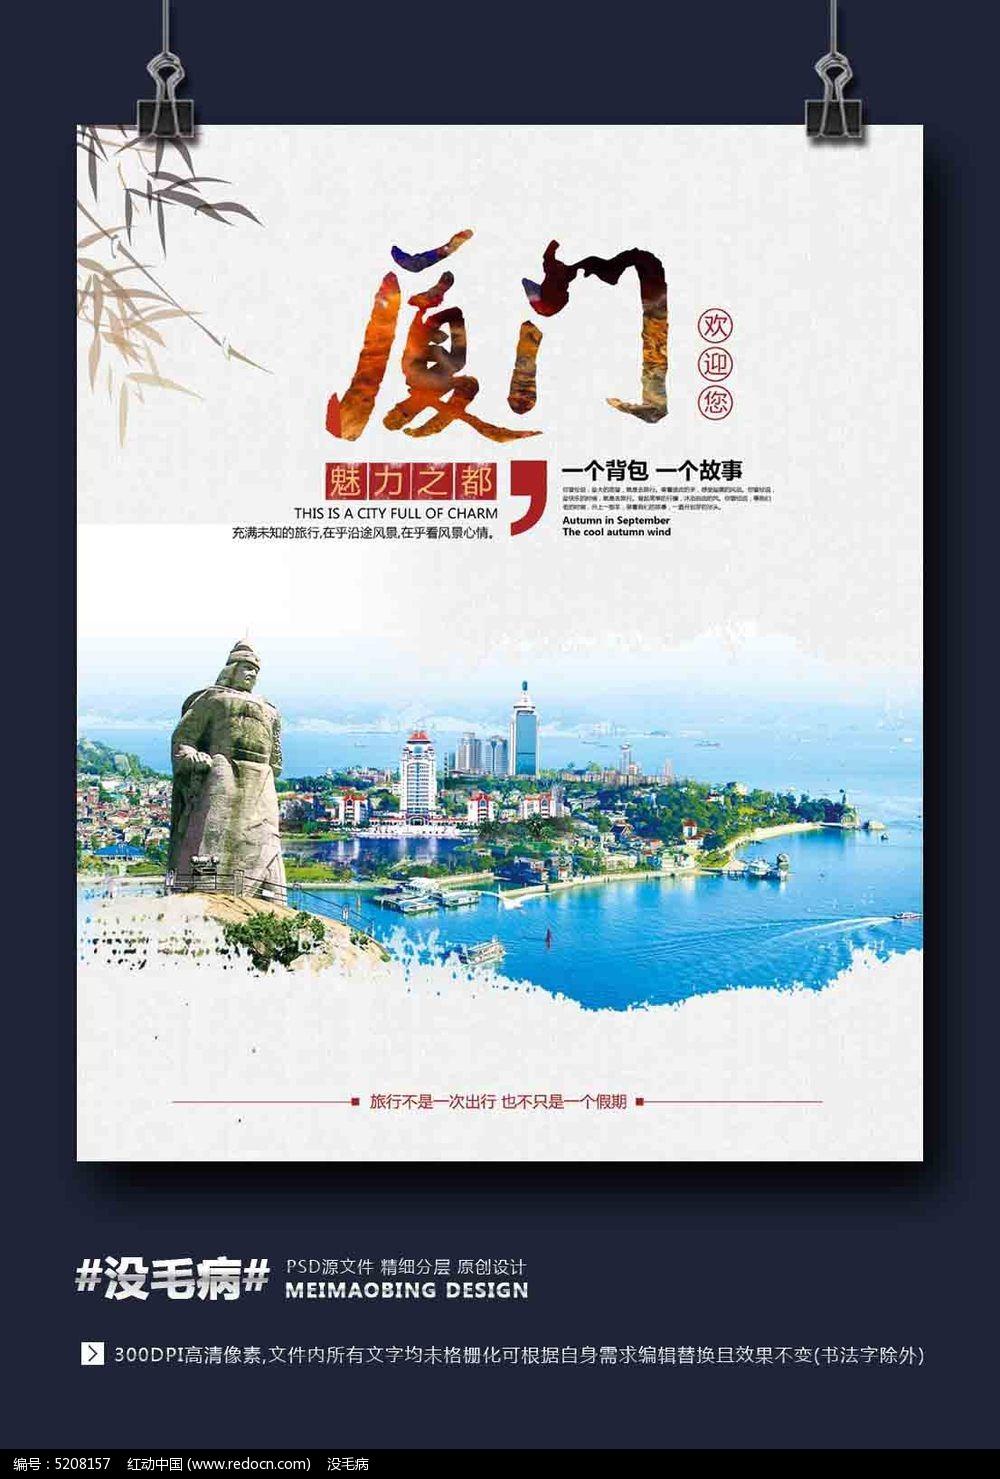 中国风厦门旅游海报_红动网